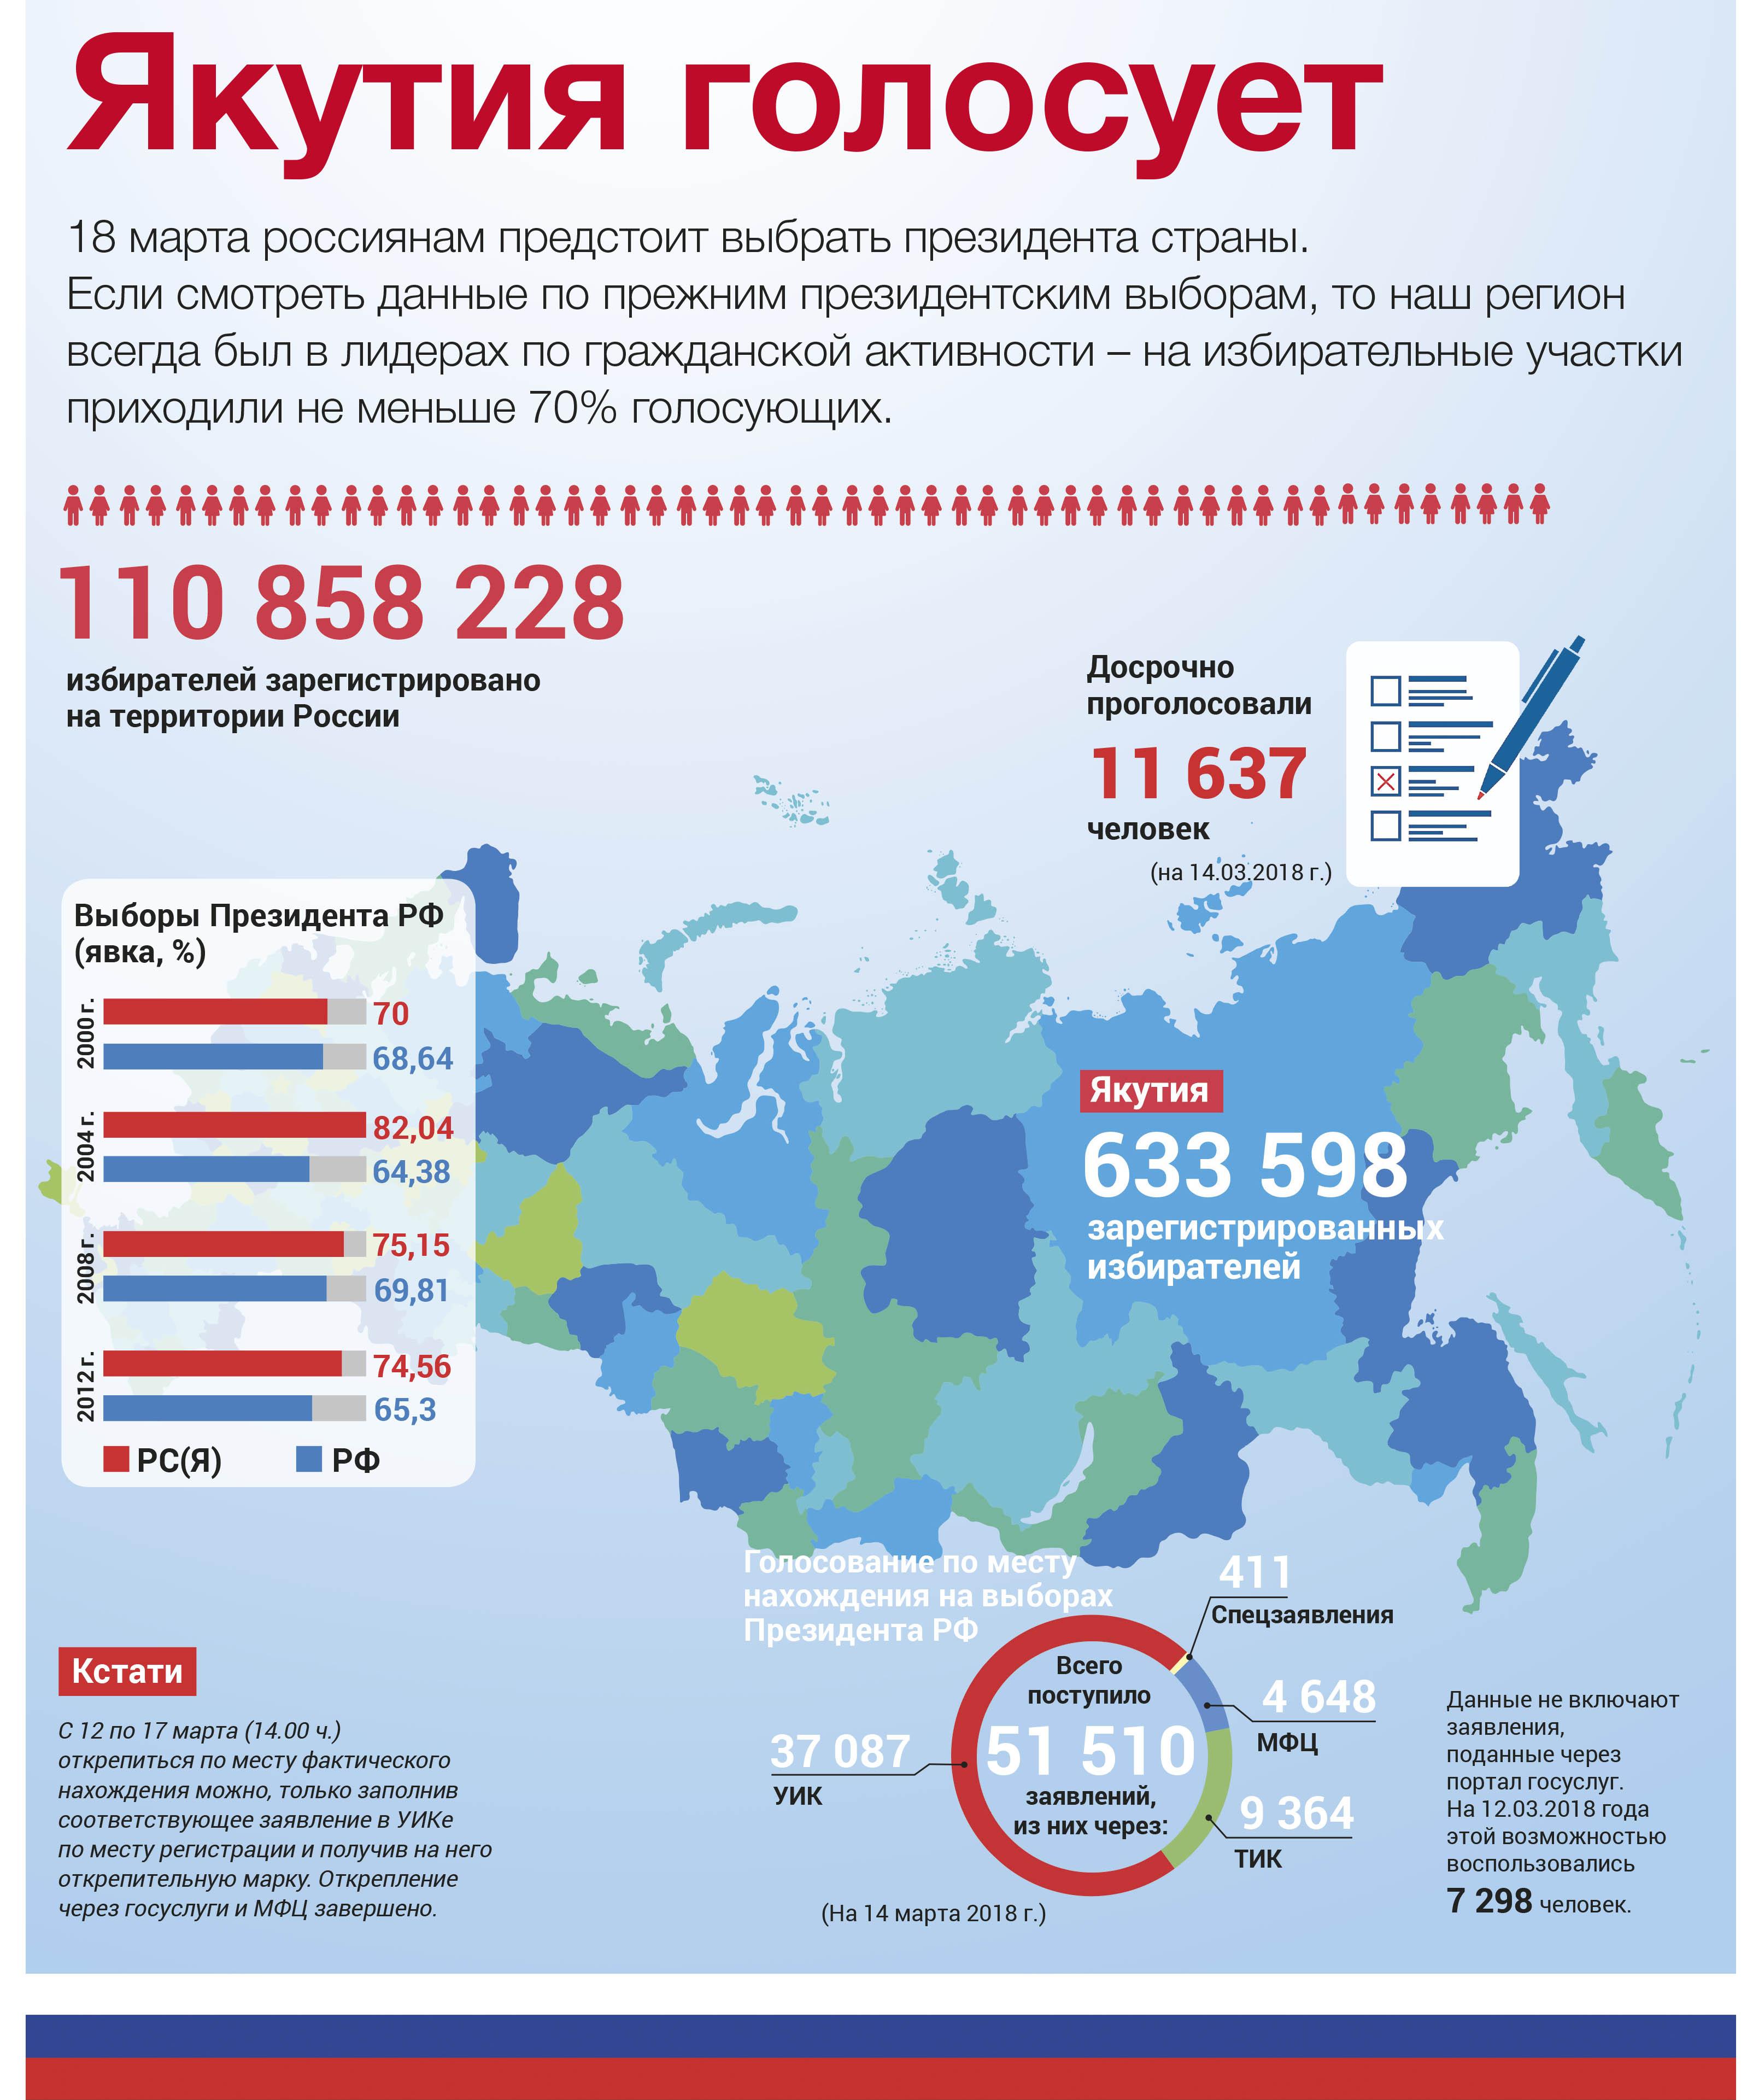 Инфографика: Якутия голосует